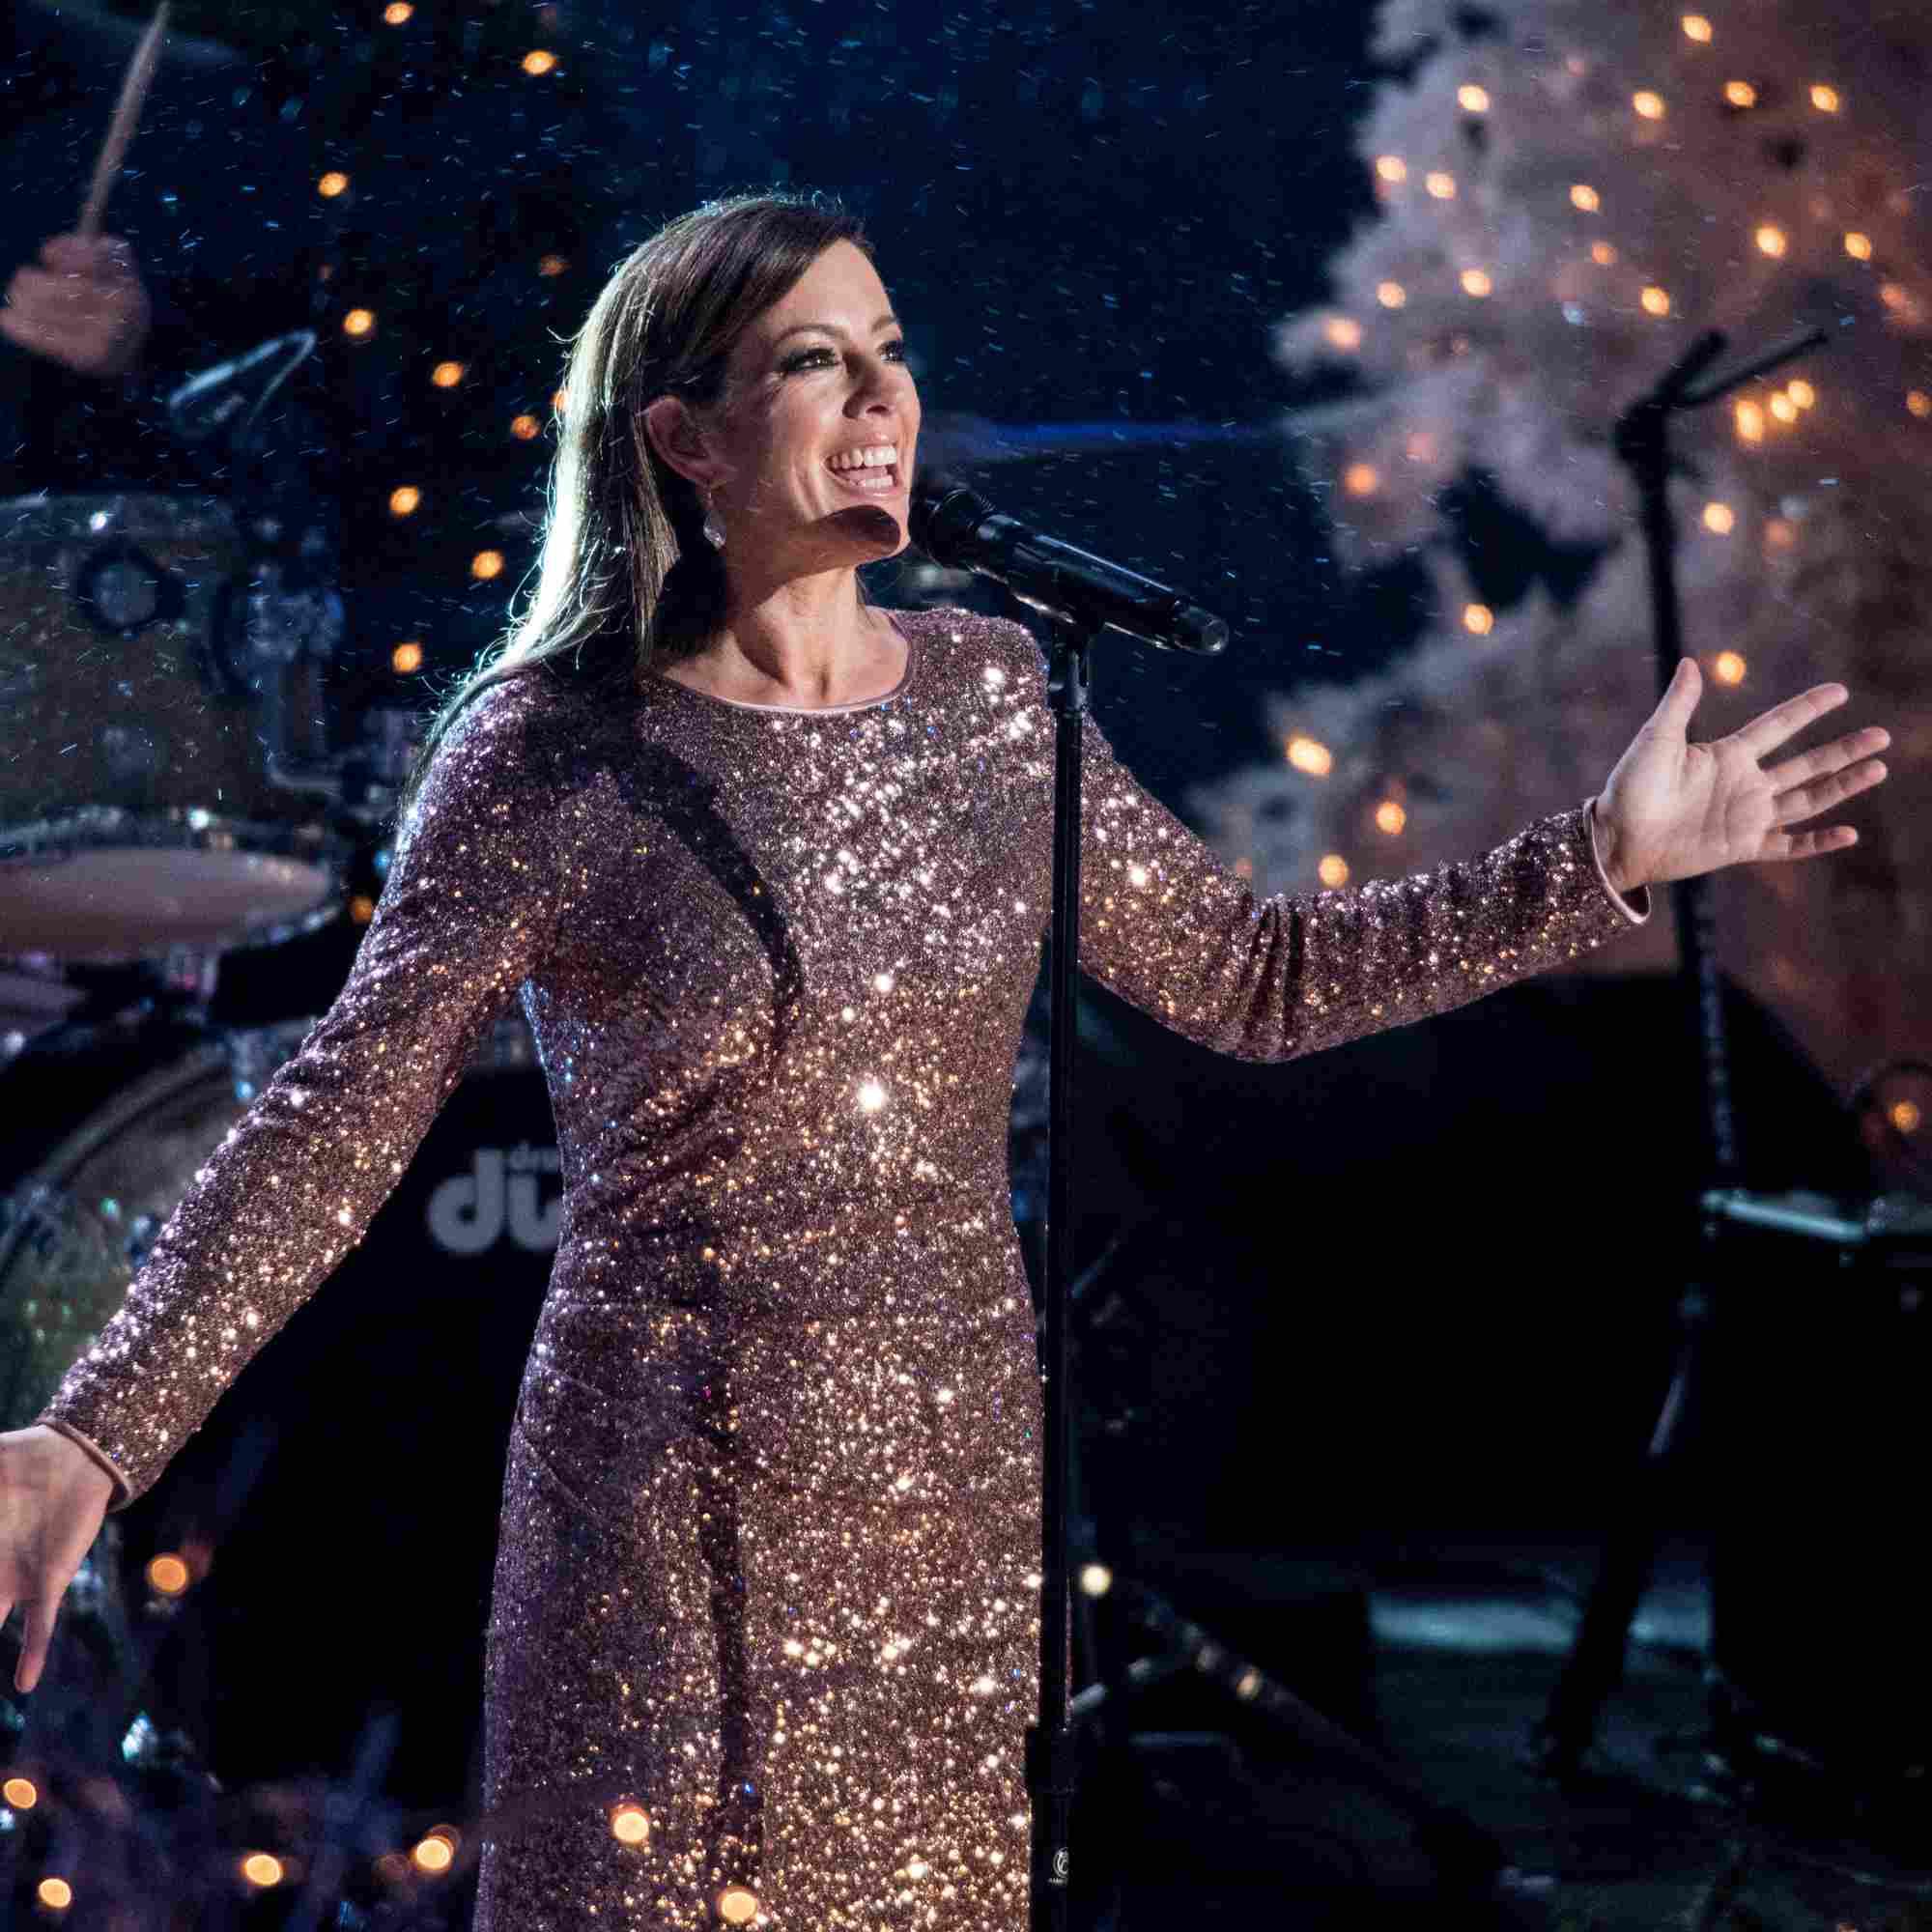 Sarah McLachlan Christmas